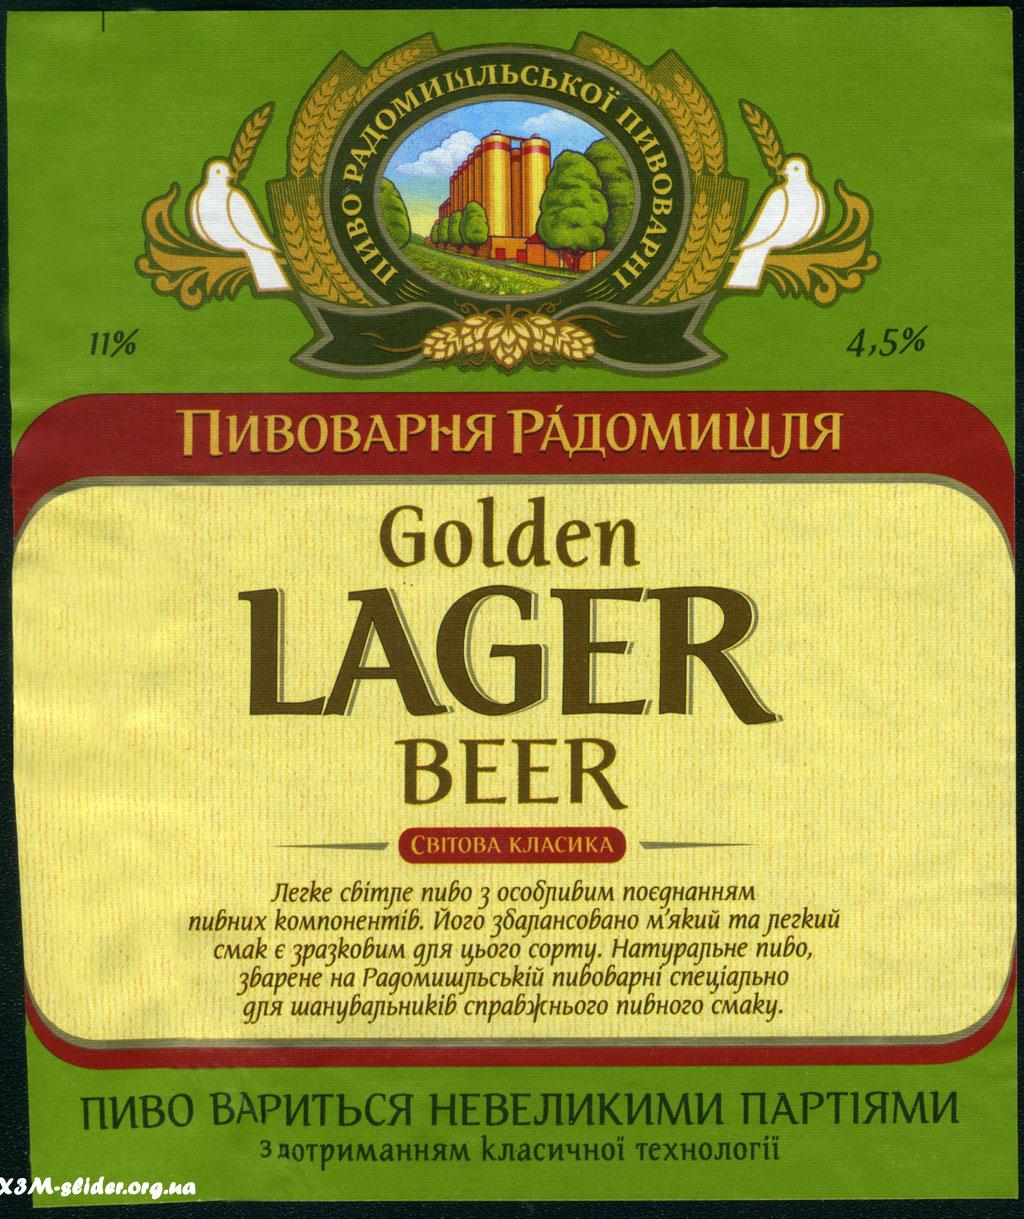 Golden Lager Beer - Пивоварня Радомишля